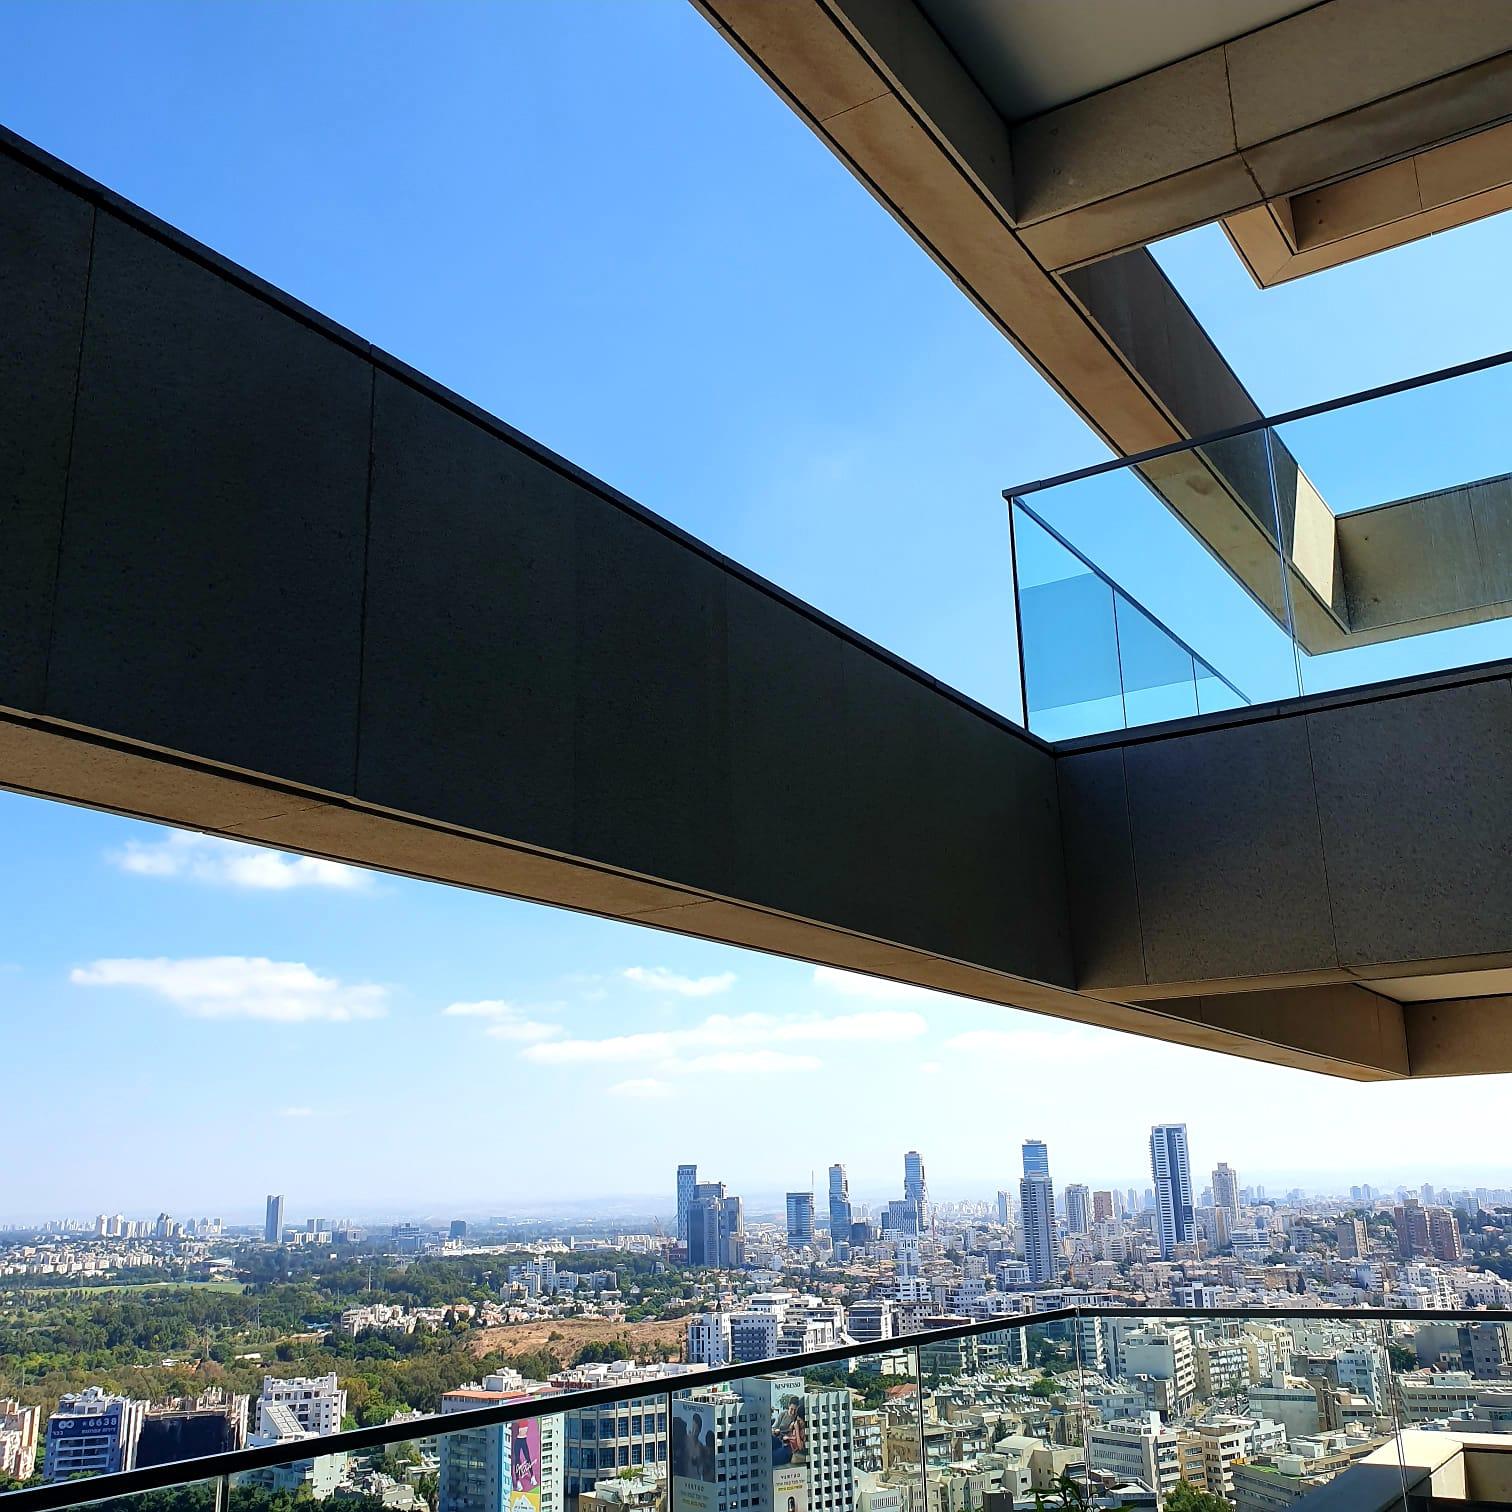 בחר מיקום בבית בסגנון קלאסי. עוצב על ידי המעצב <a href='/designers?des_id=2386'>עירית לביא</a>